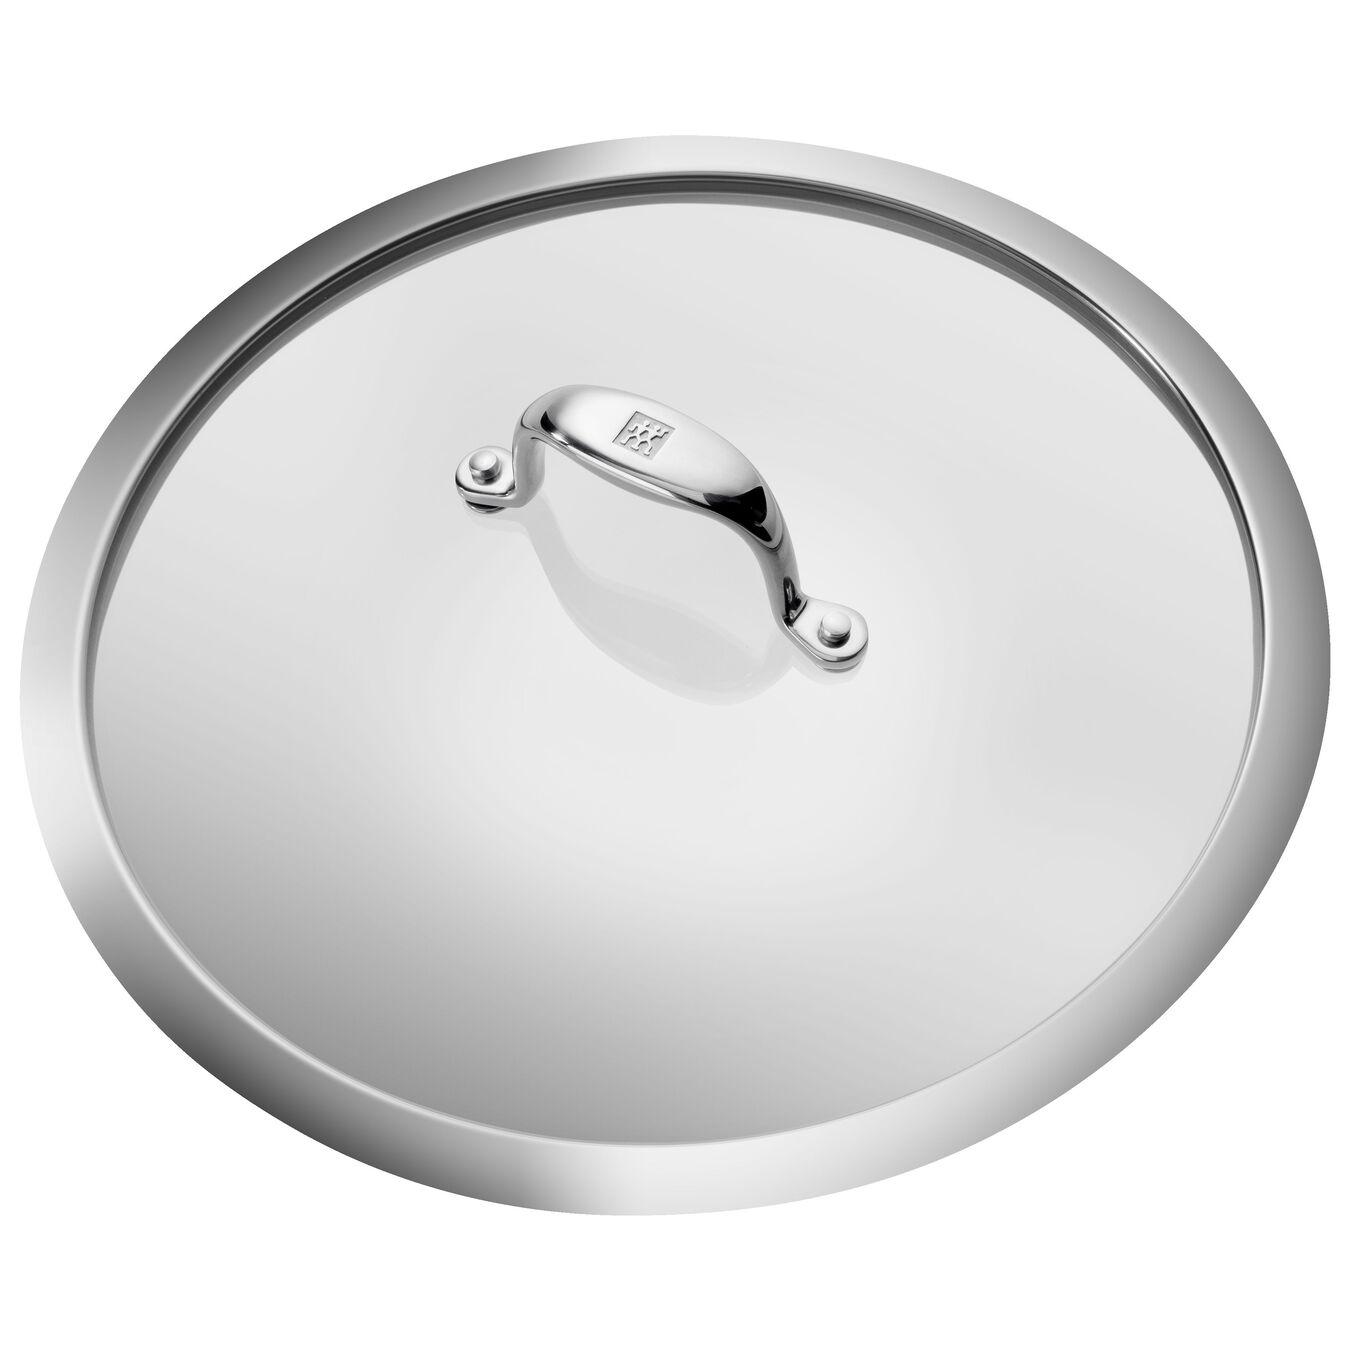 Kochtopf 28 cm, Aluminium,,large 6